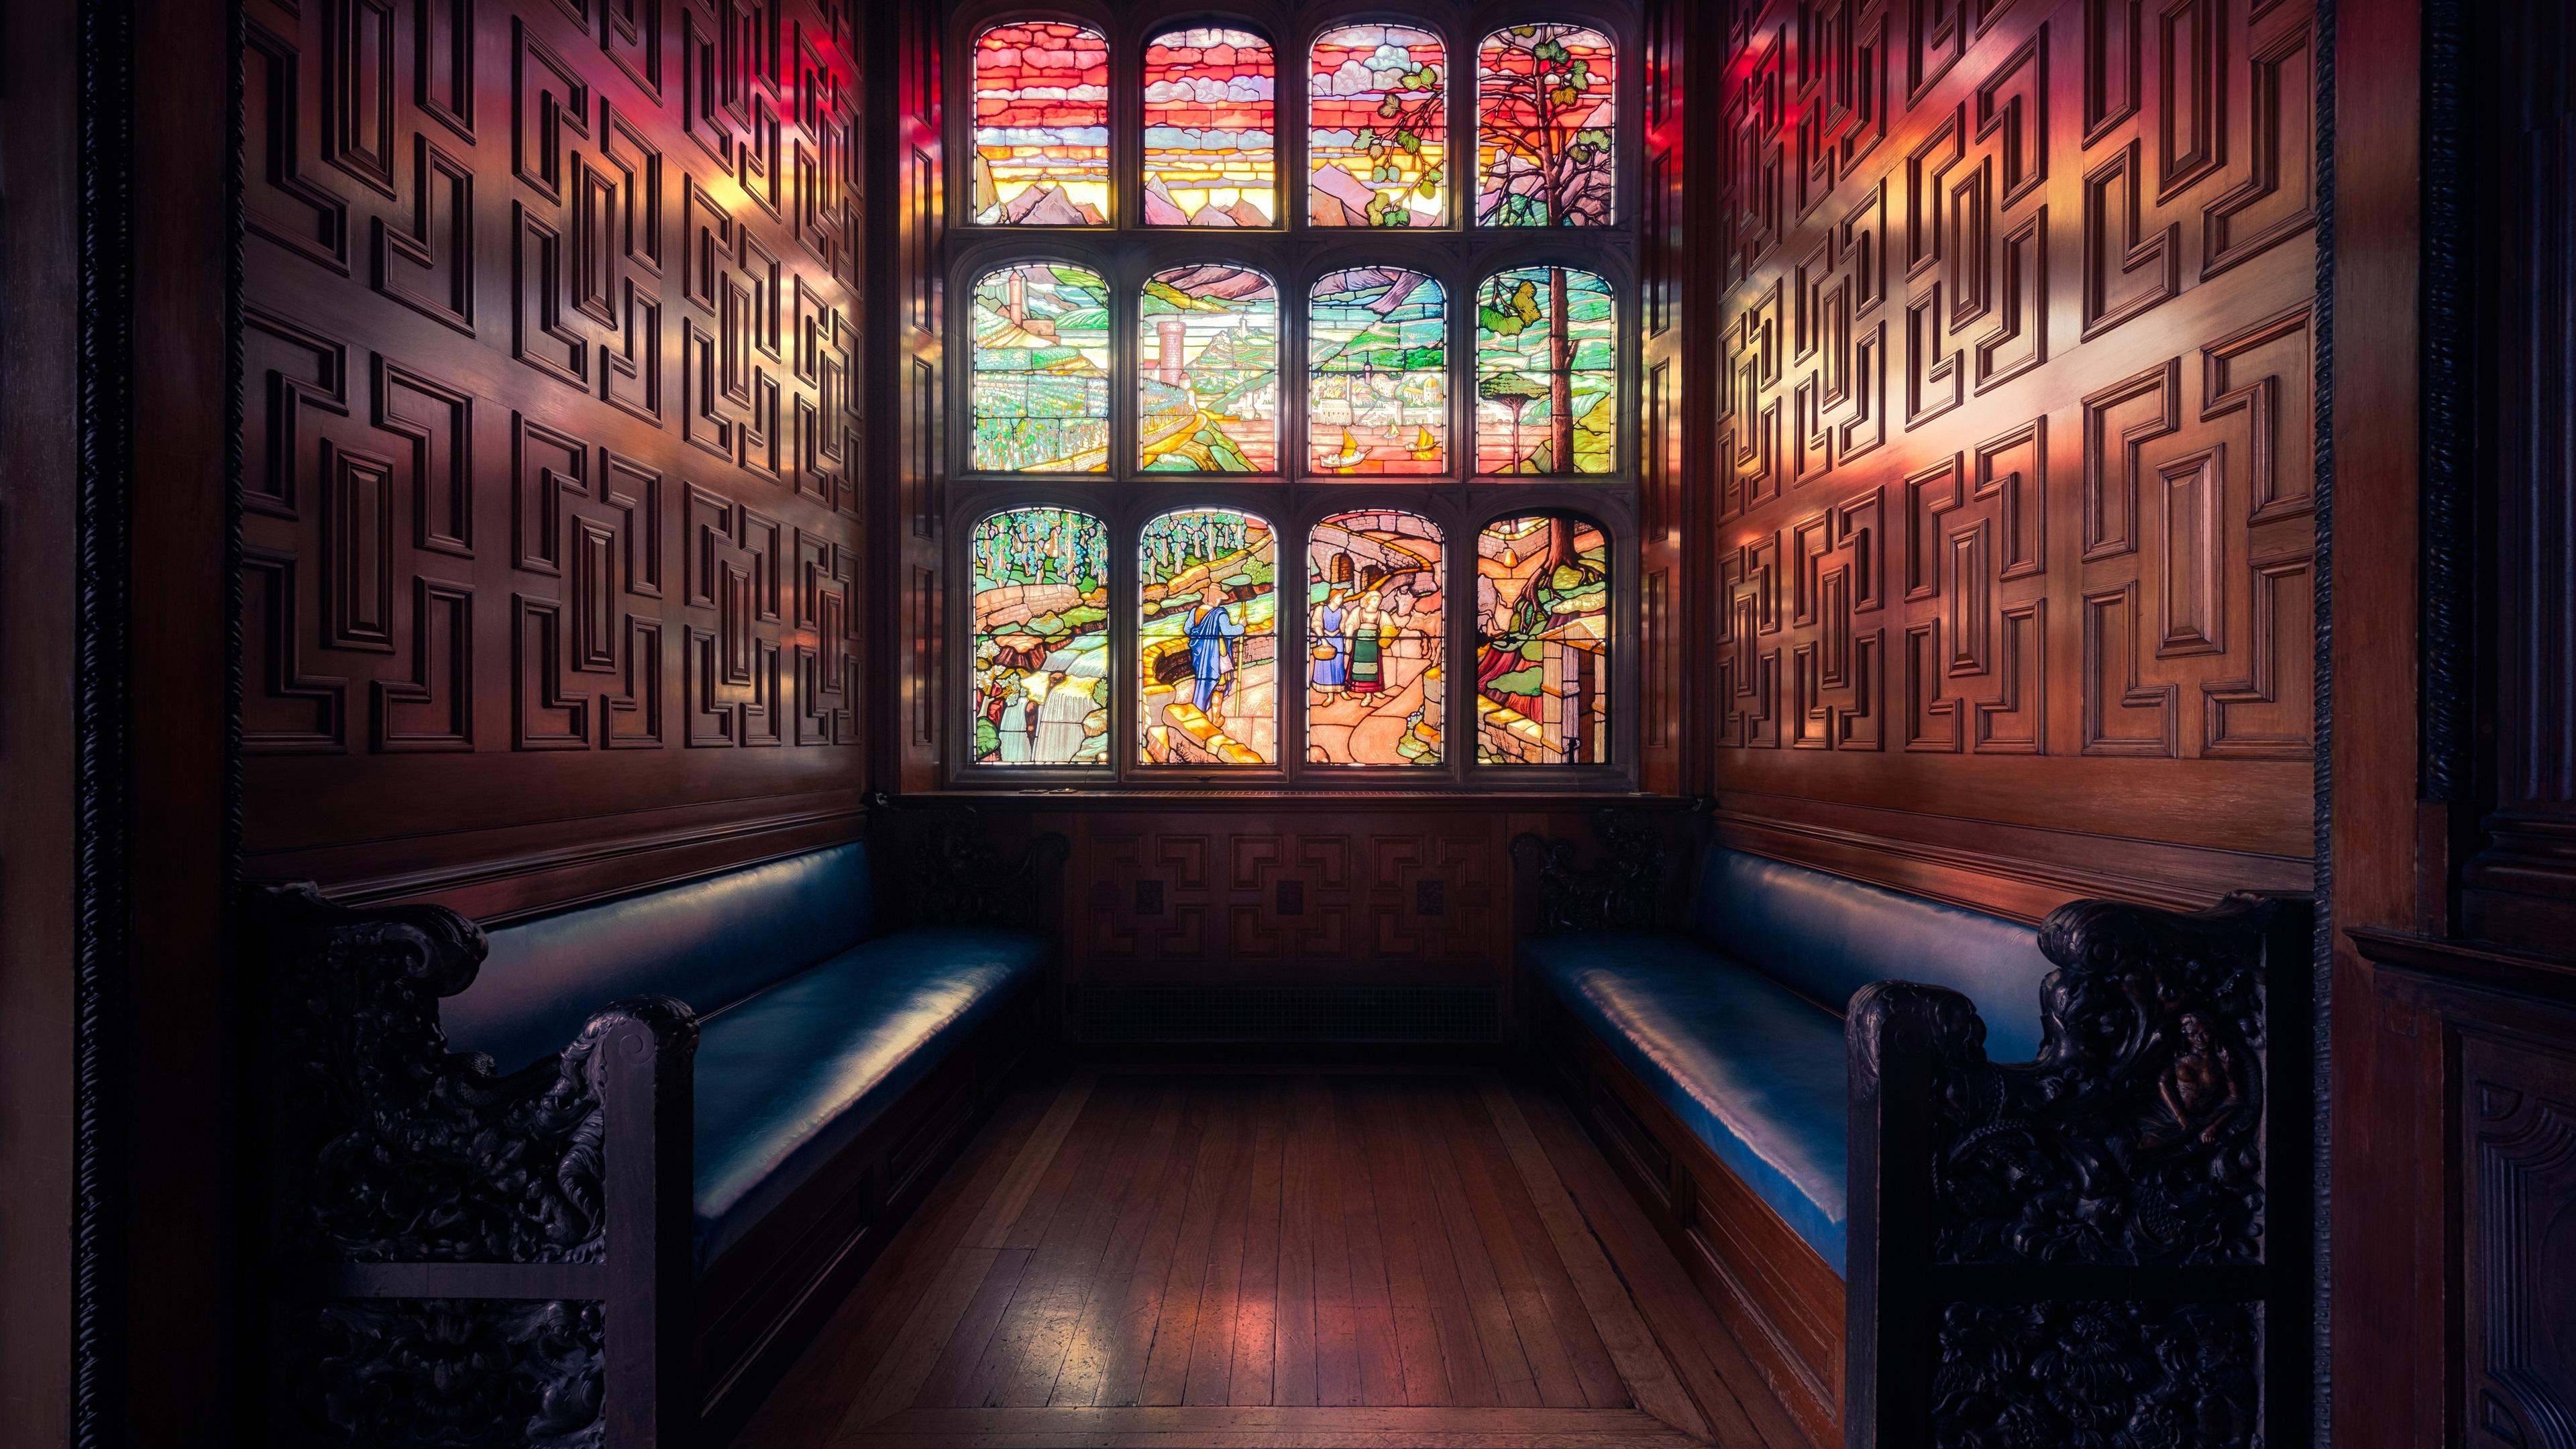 壁紙 ロンドン イングランド 窓 ステンドグラス ベンチ 3840x2160 Uhd 4k 無料のデスクトップの背景 画像